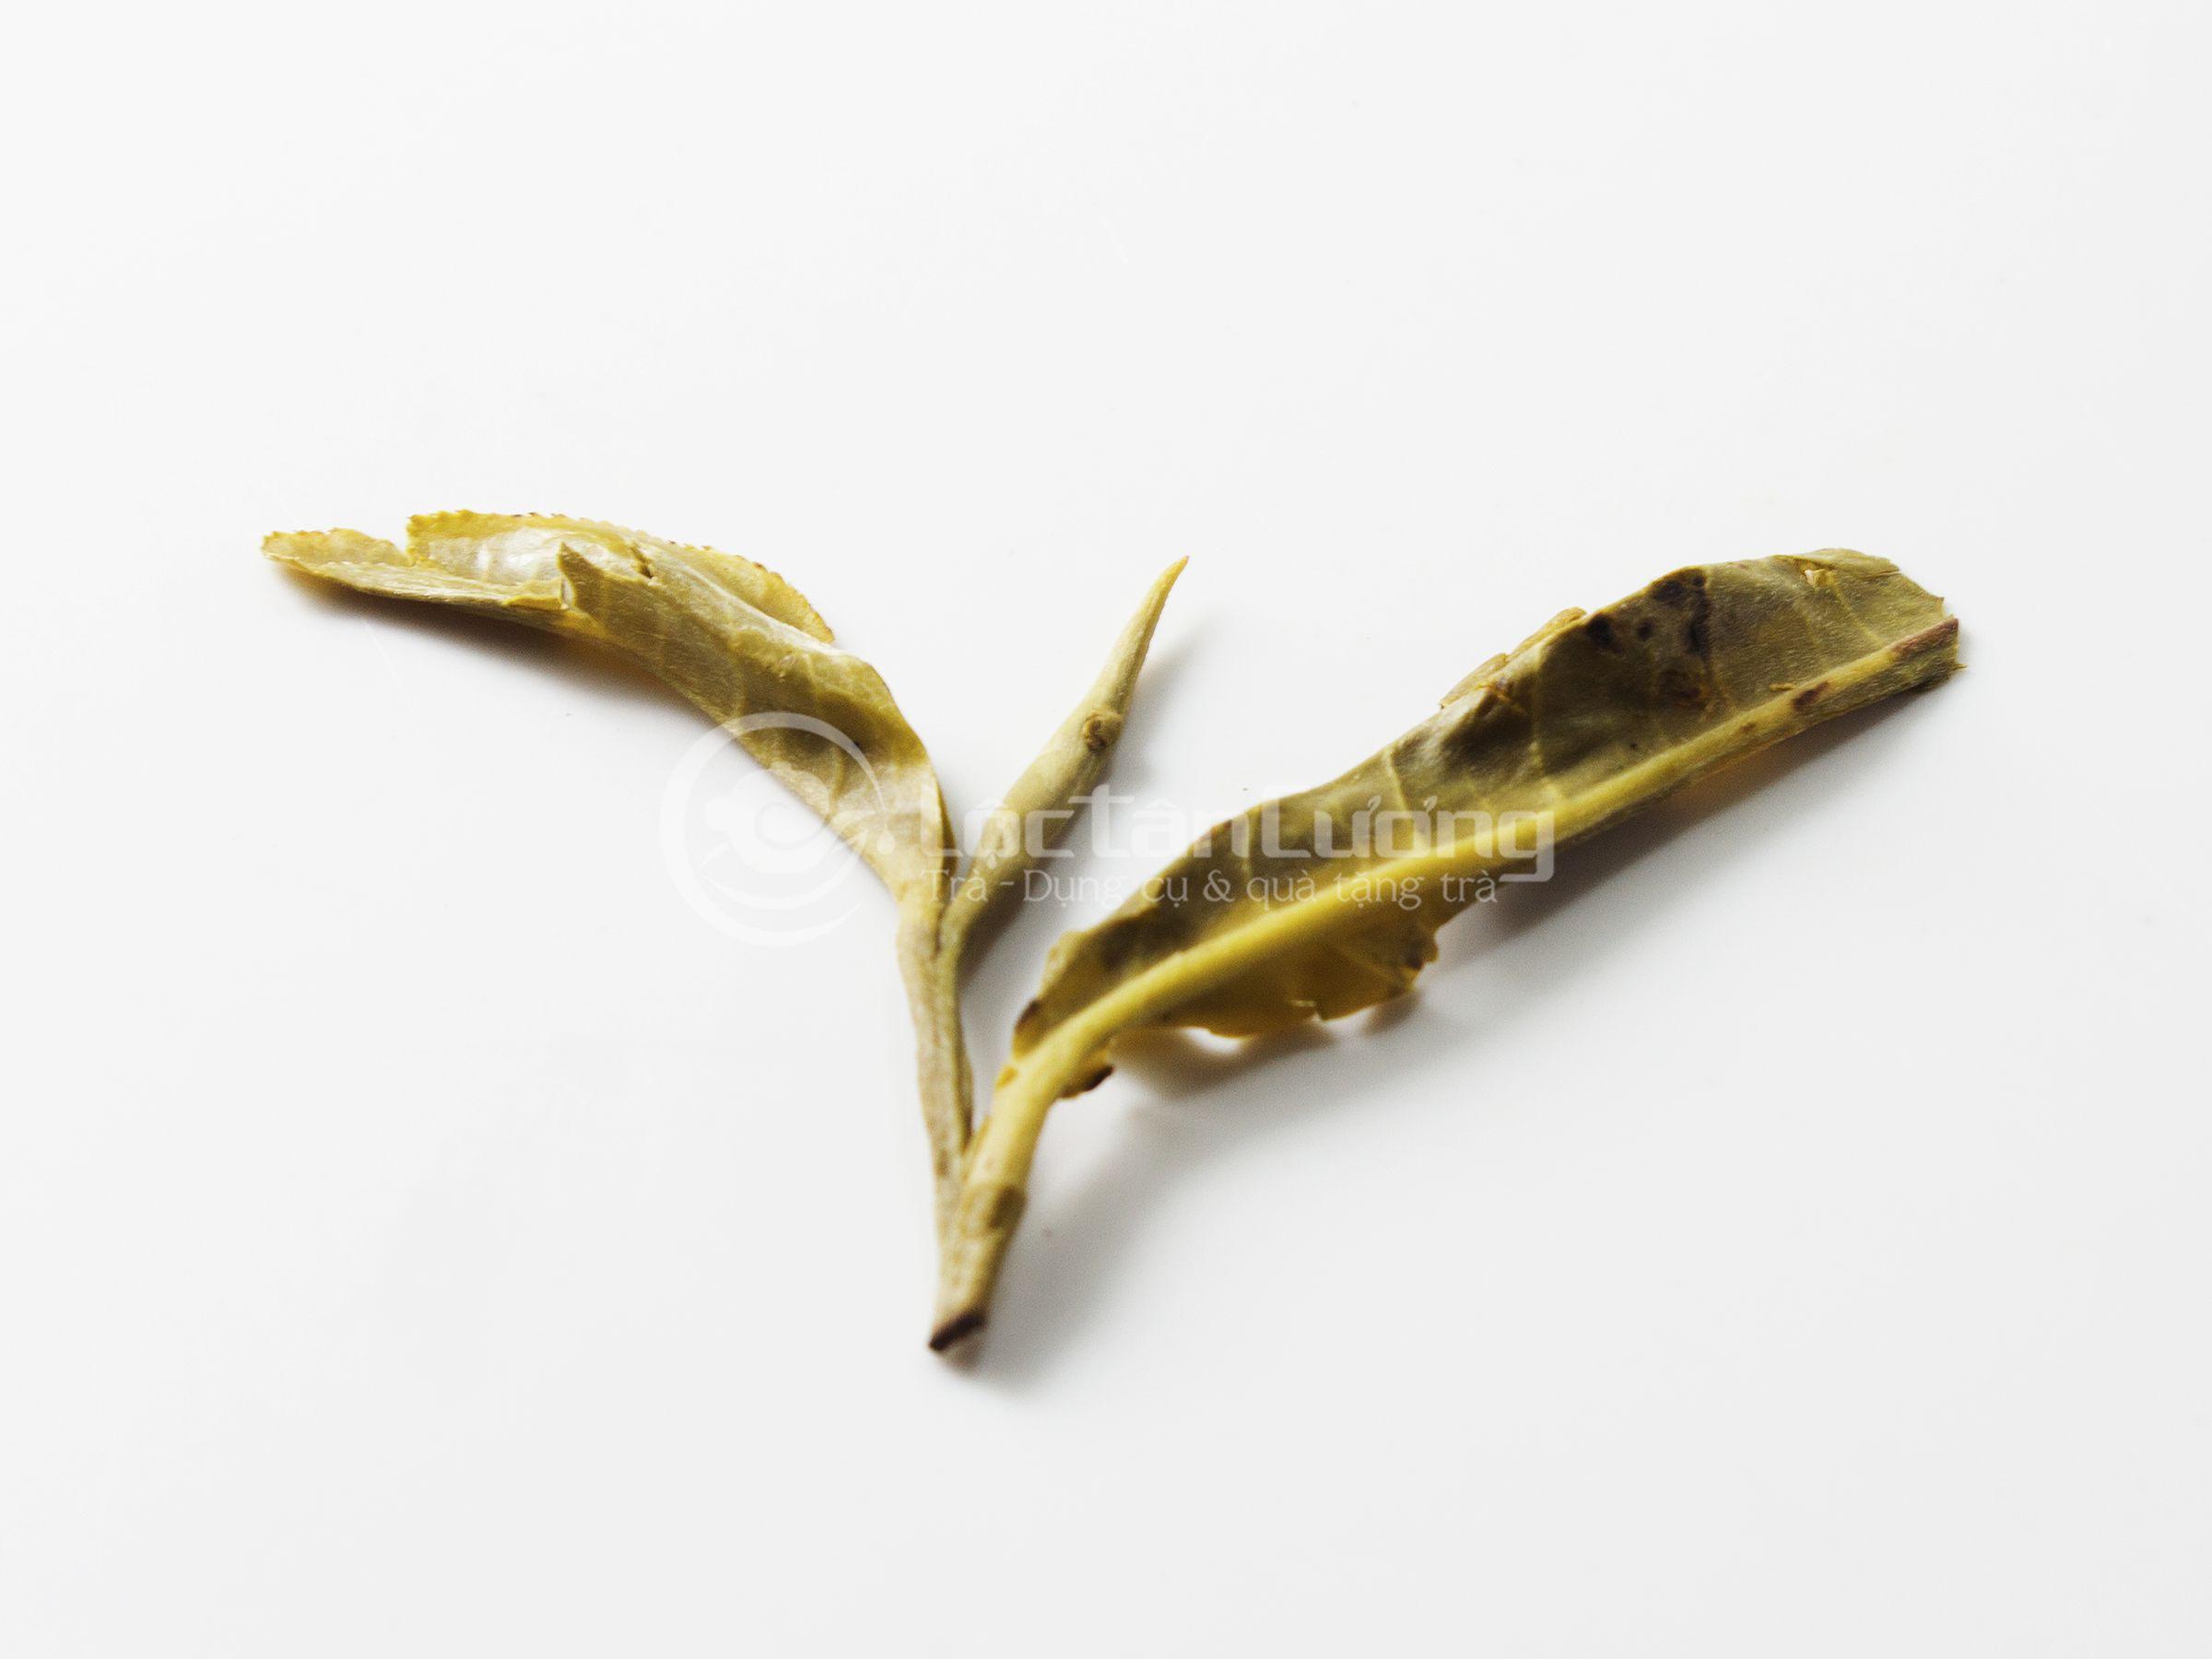 Trà hái là 1 tôm 2 lá nên sau khi pha xong, bạn có thể kiểm tra bã của trà còn nguyên vẹn